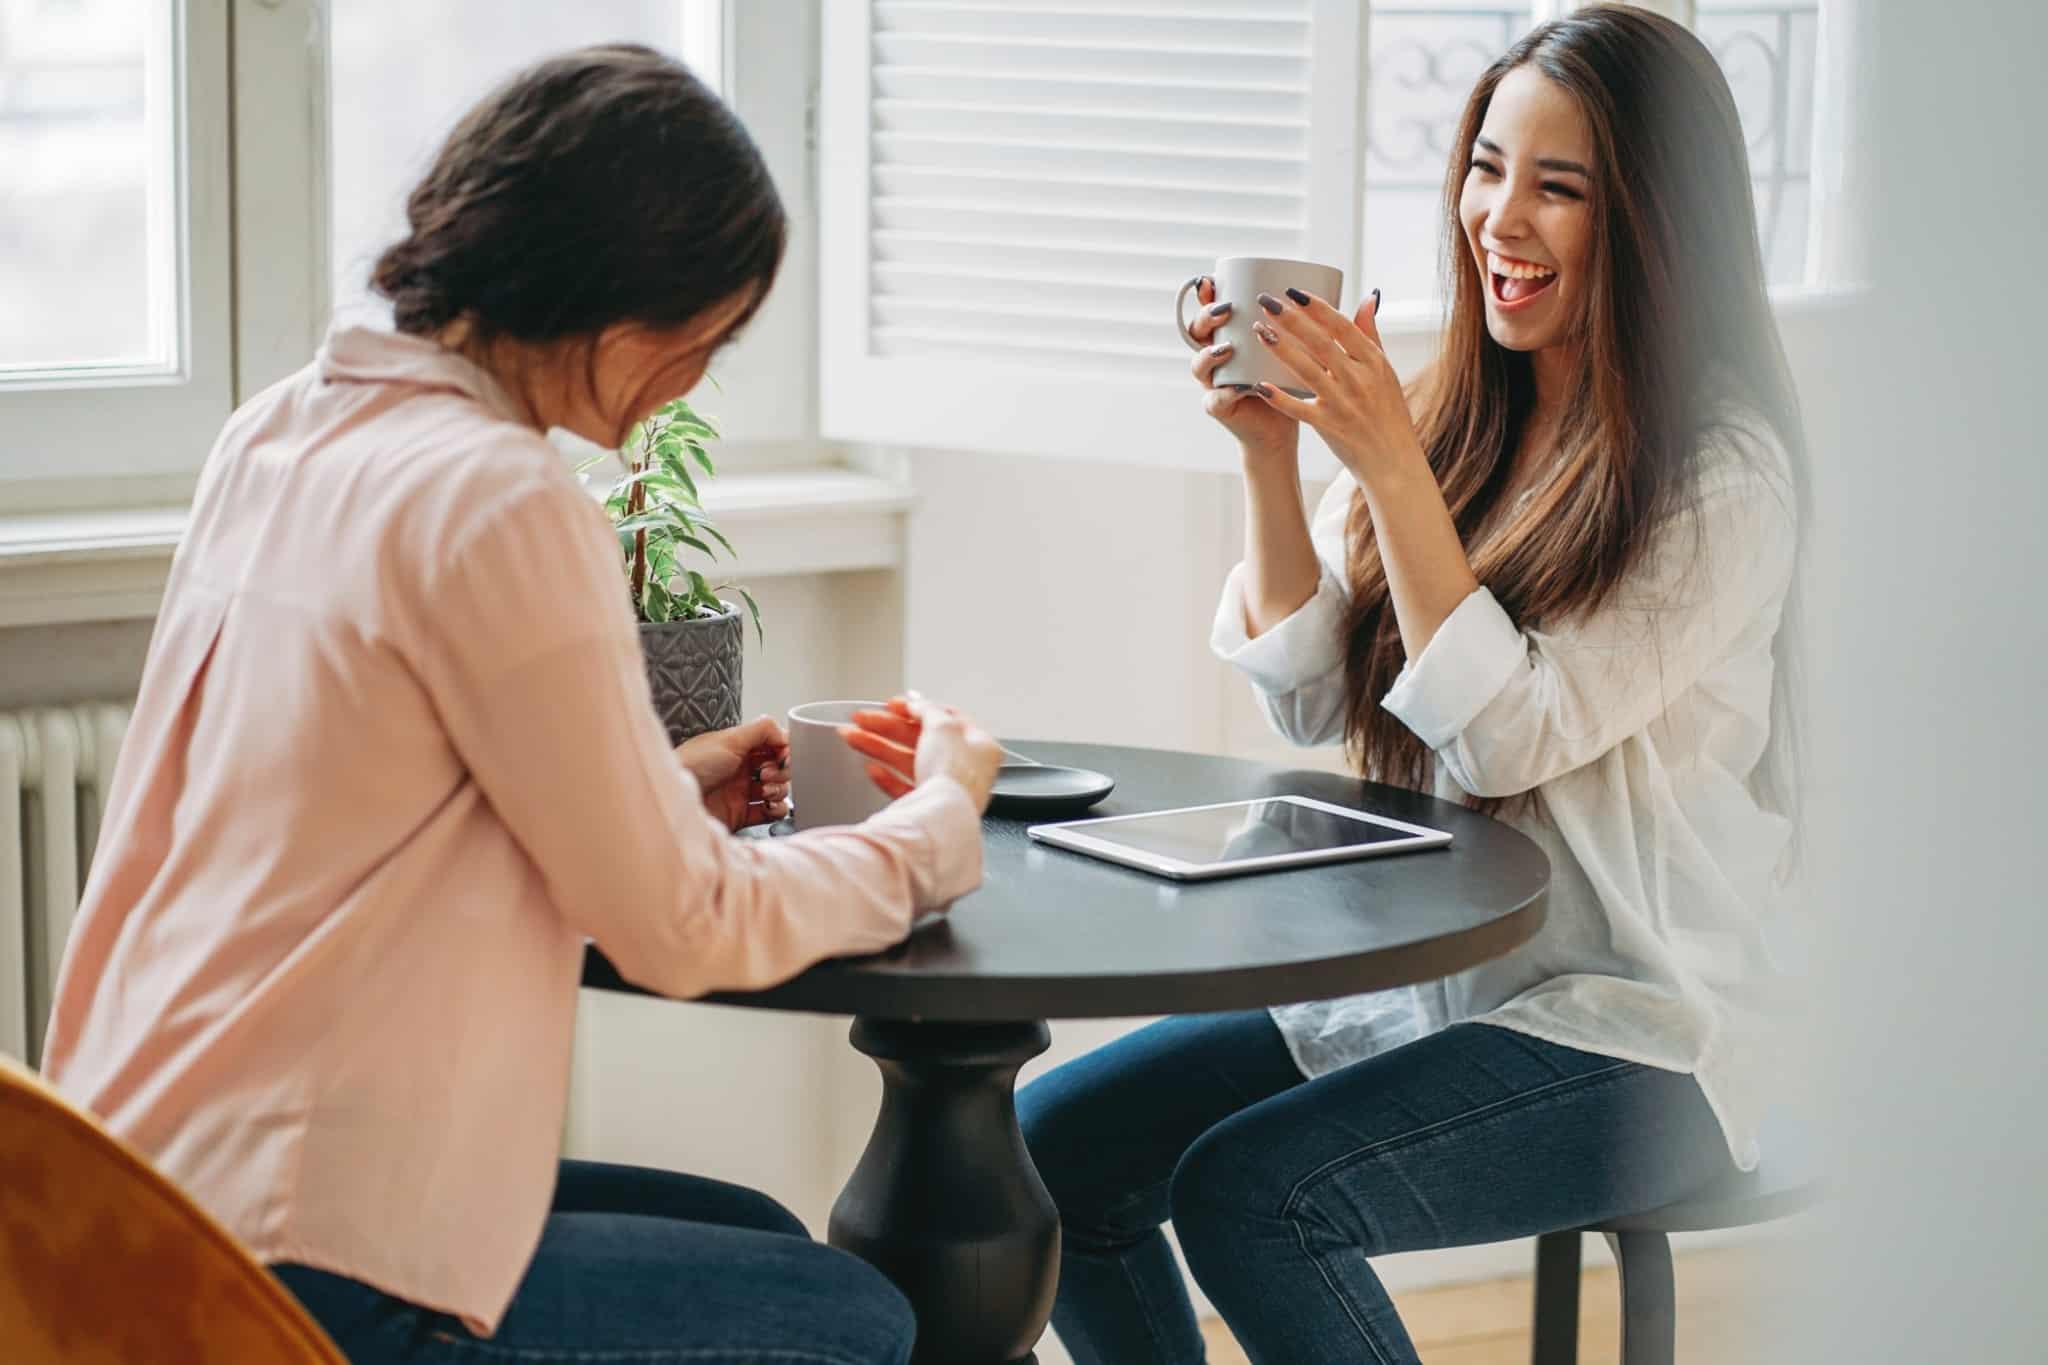 duas mulheres em co-living a partilhar a cozinha